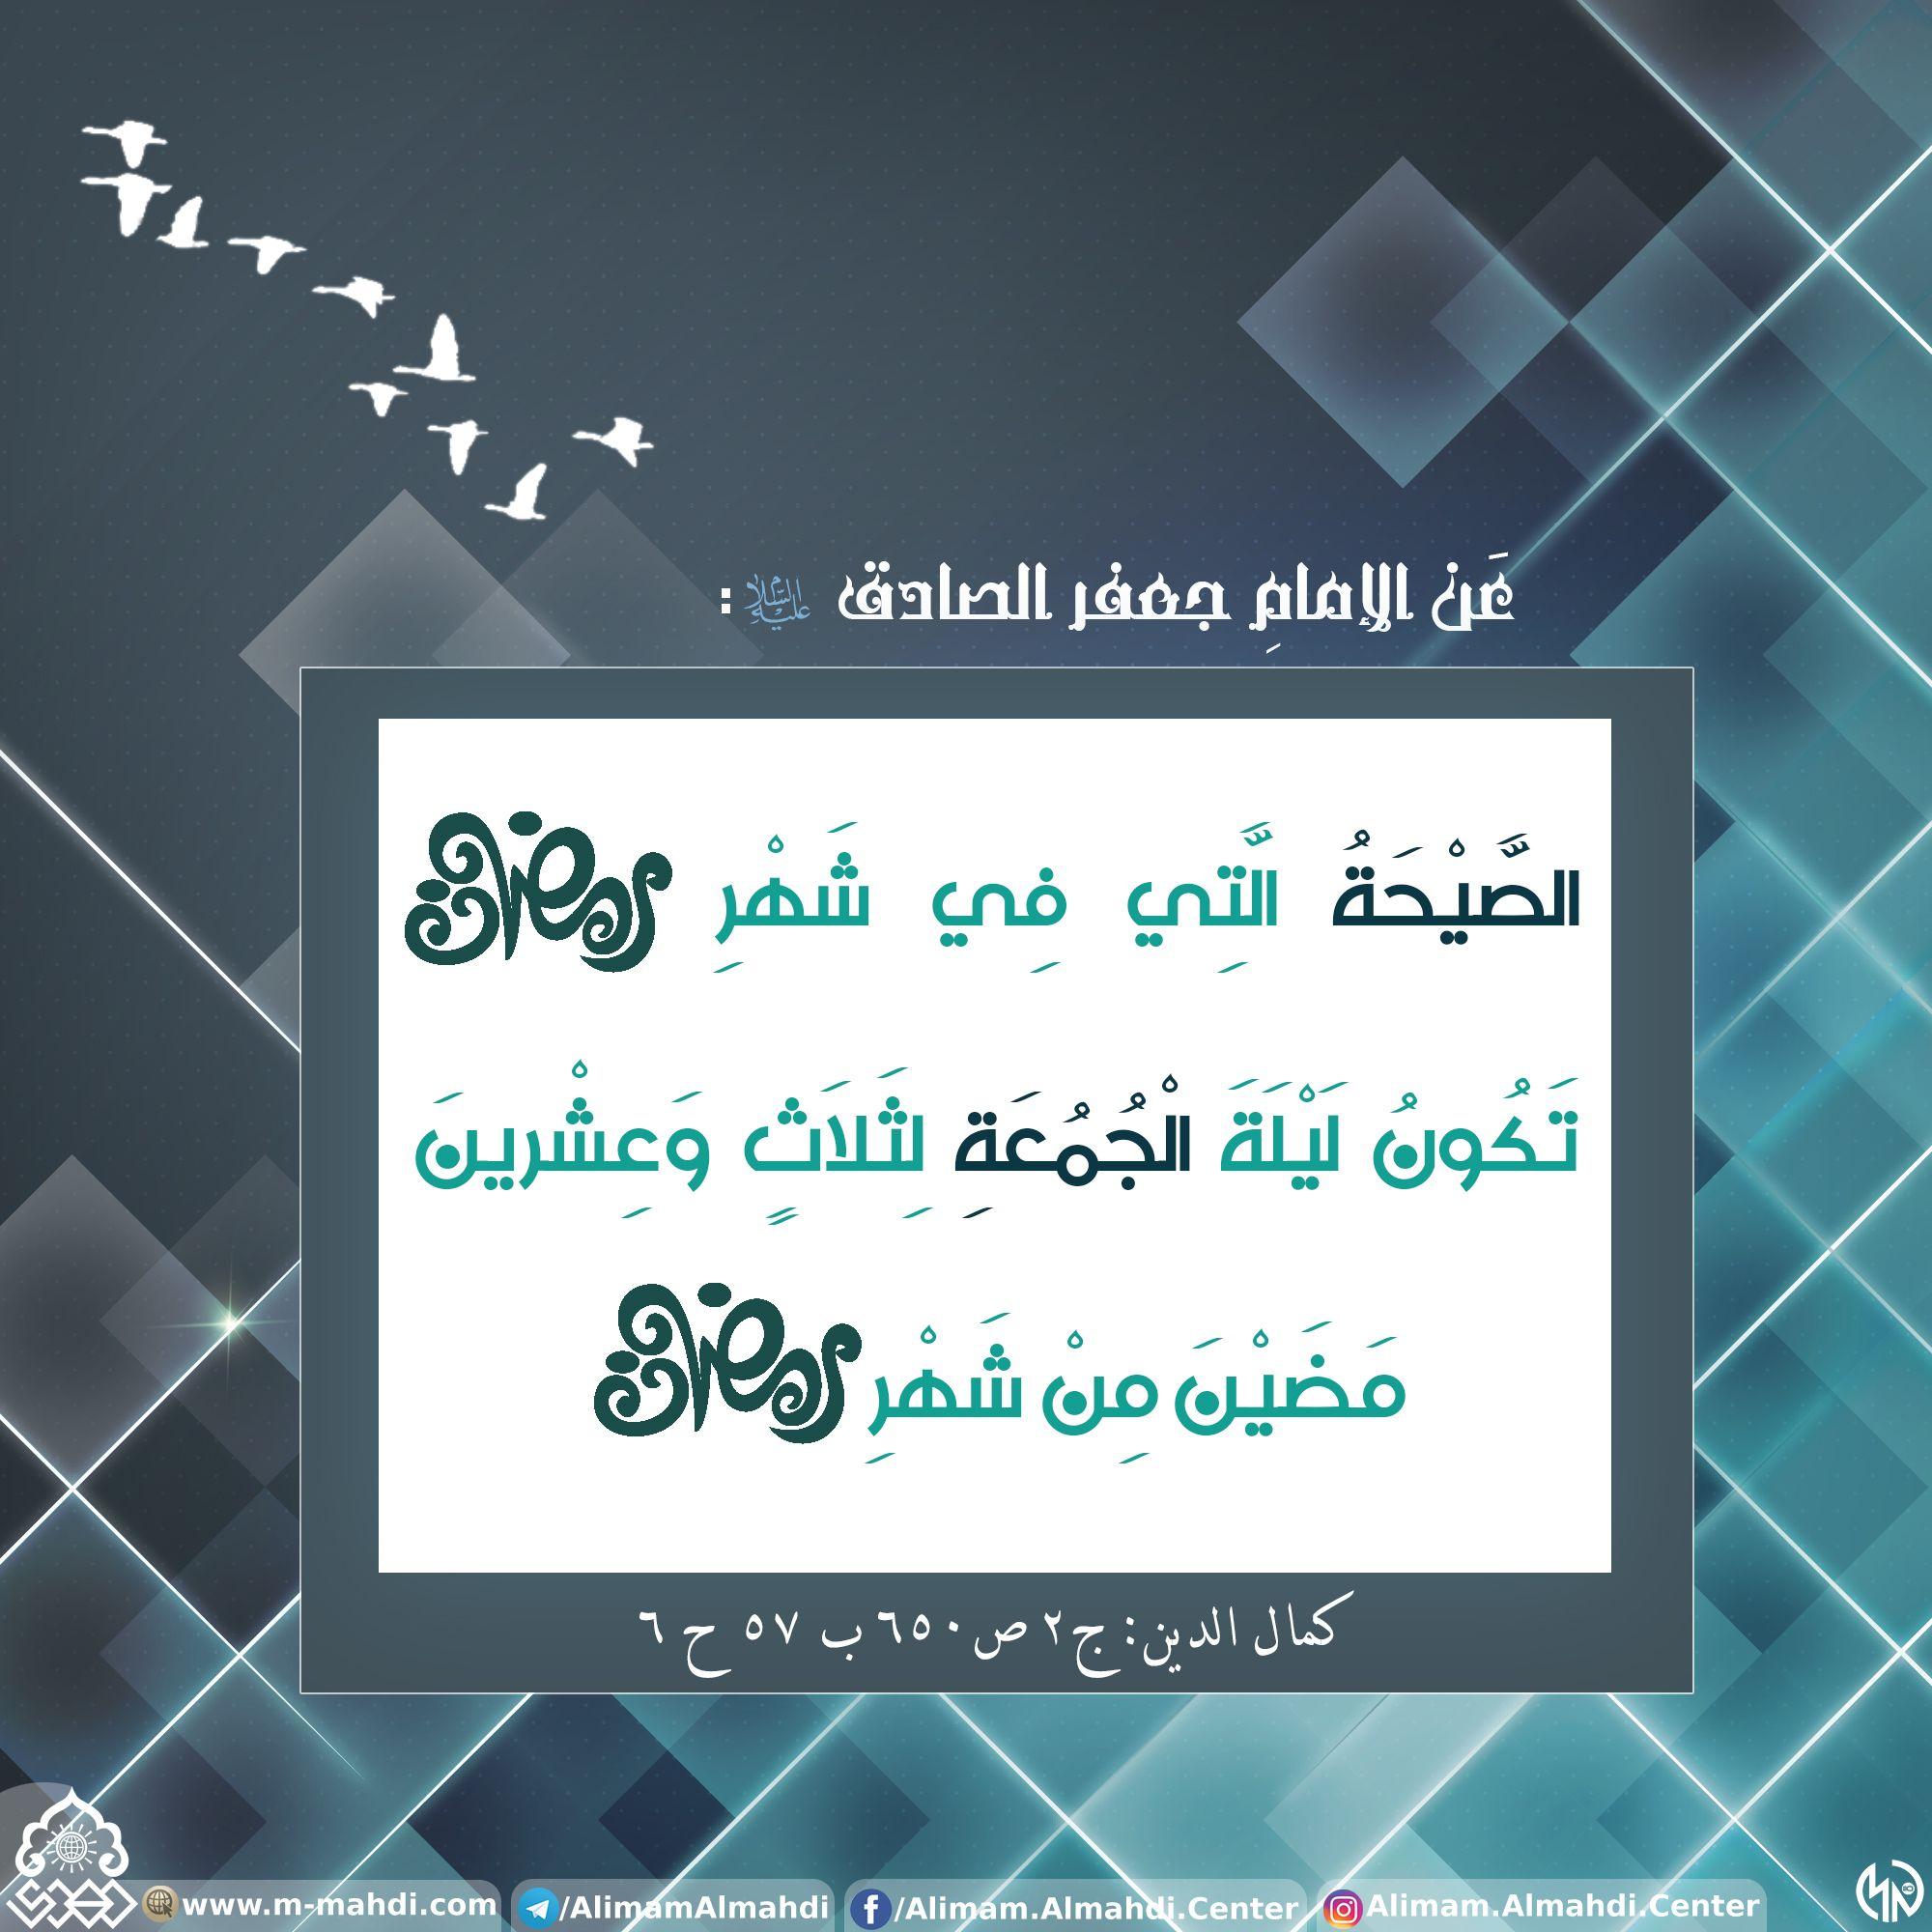 عن الإمام الصادق عليه السلام Proverbs Quotes Islamic Art Calligraphy Quotes